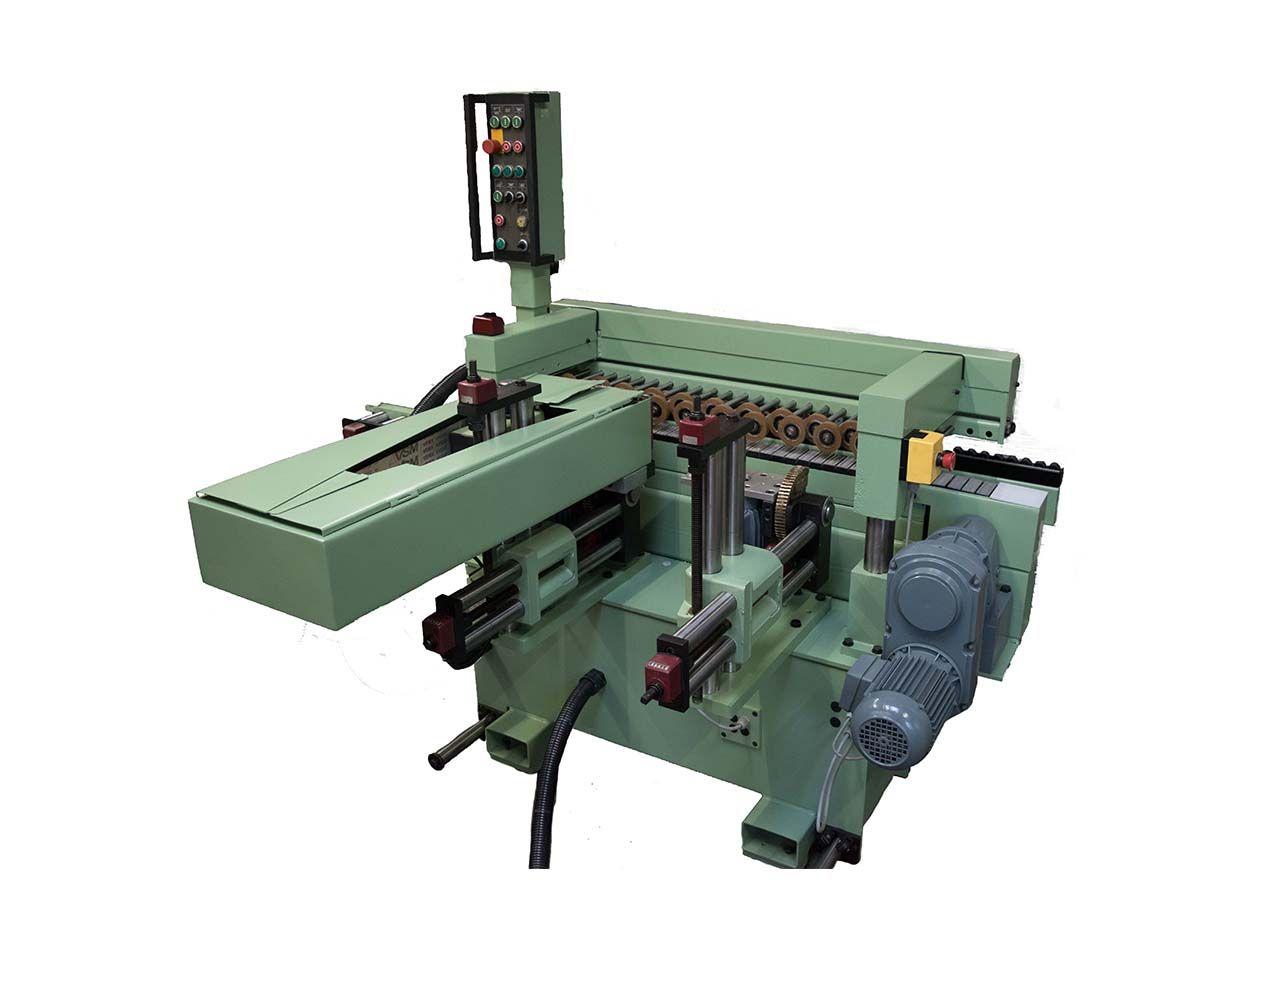 arminius-schleifmittel-start-produkte-gebrauchtmaschinen-slider-2